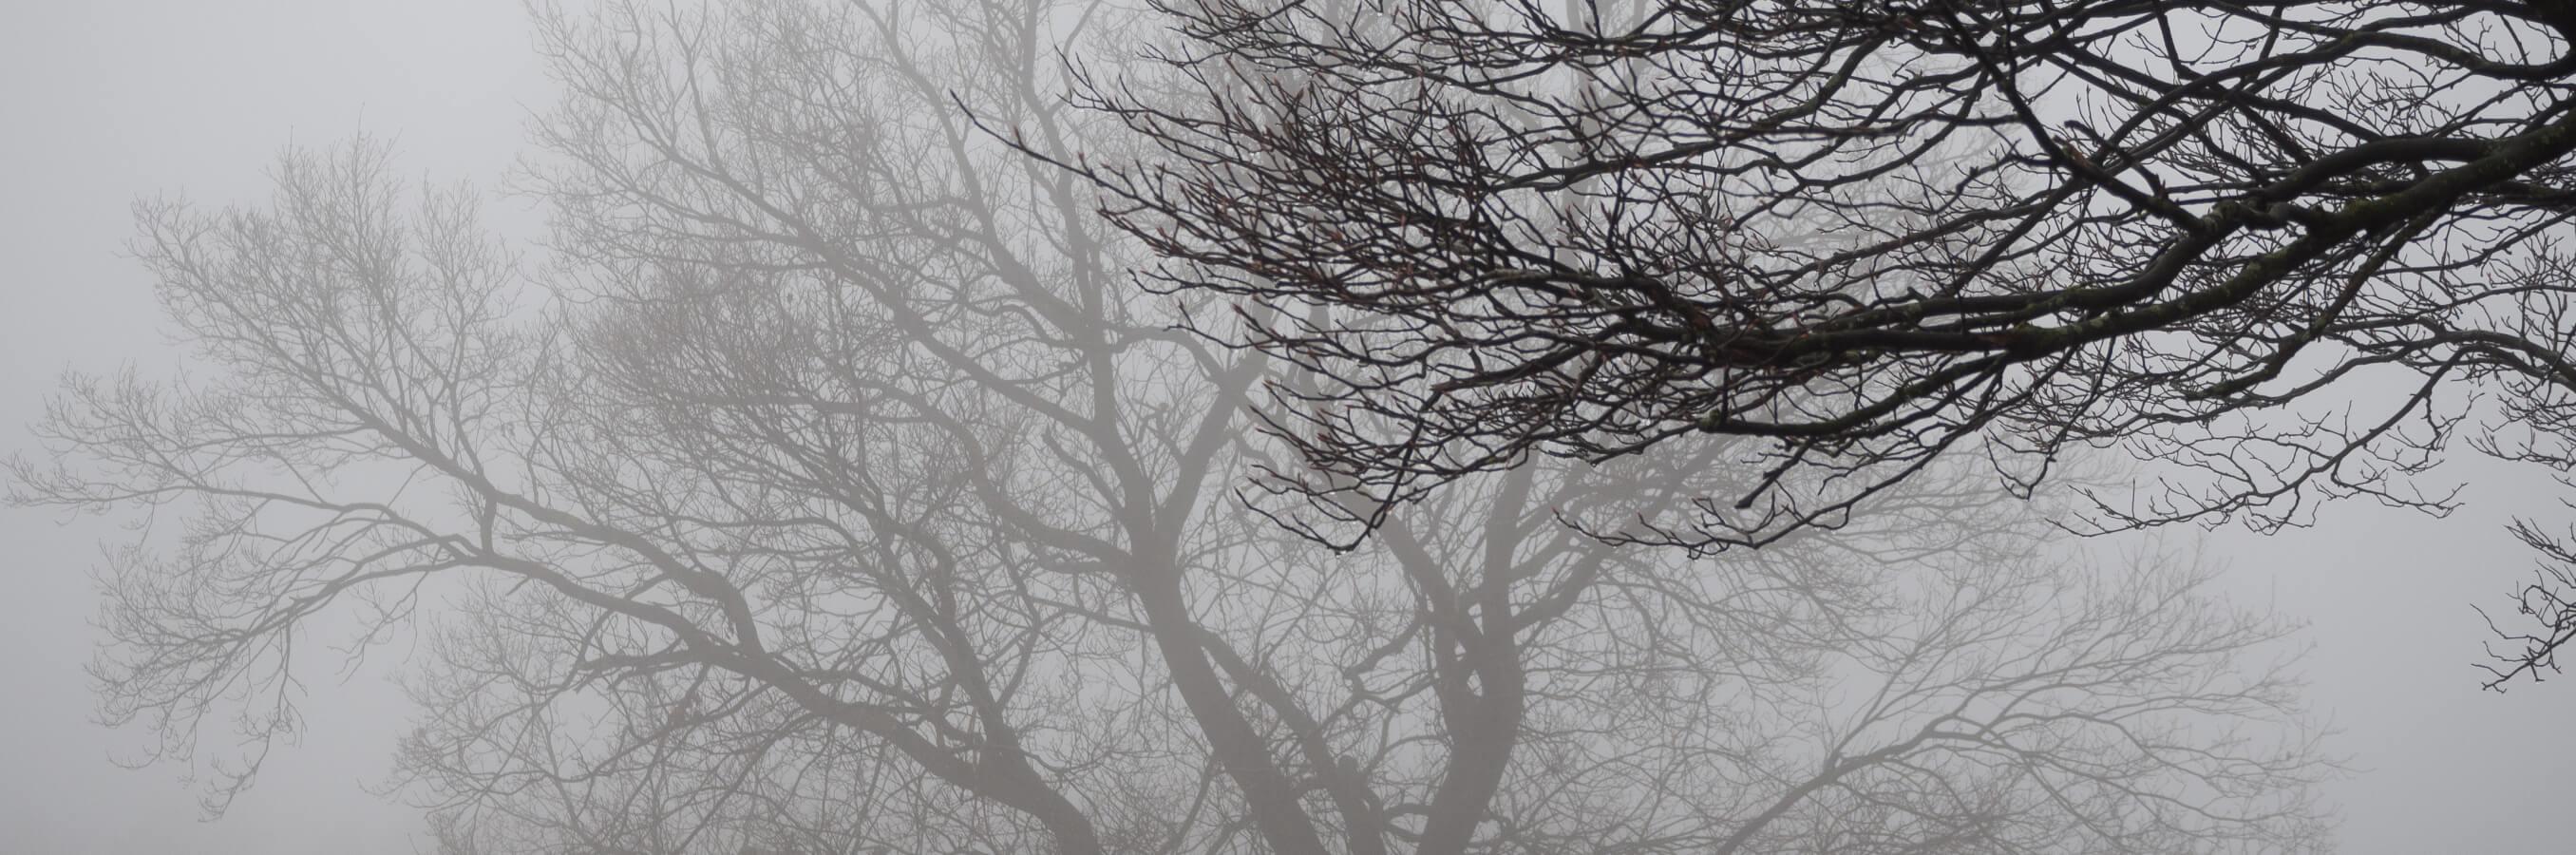 Bussum heide mist nabij locatie mindfulnesstraining